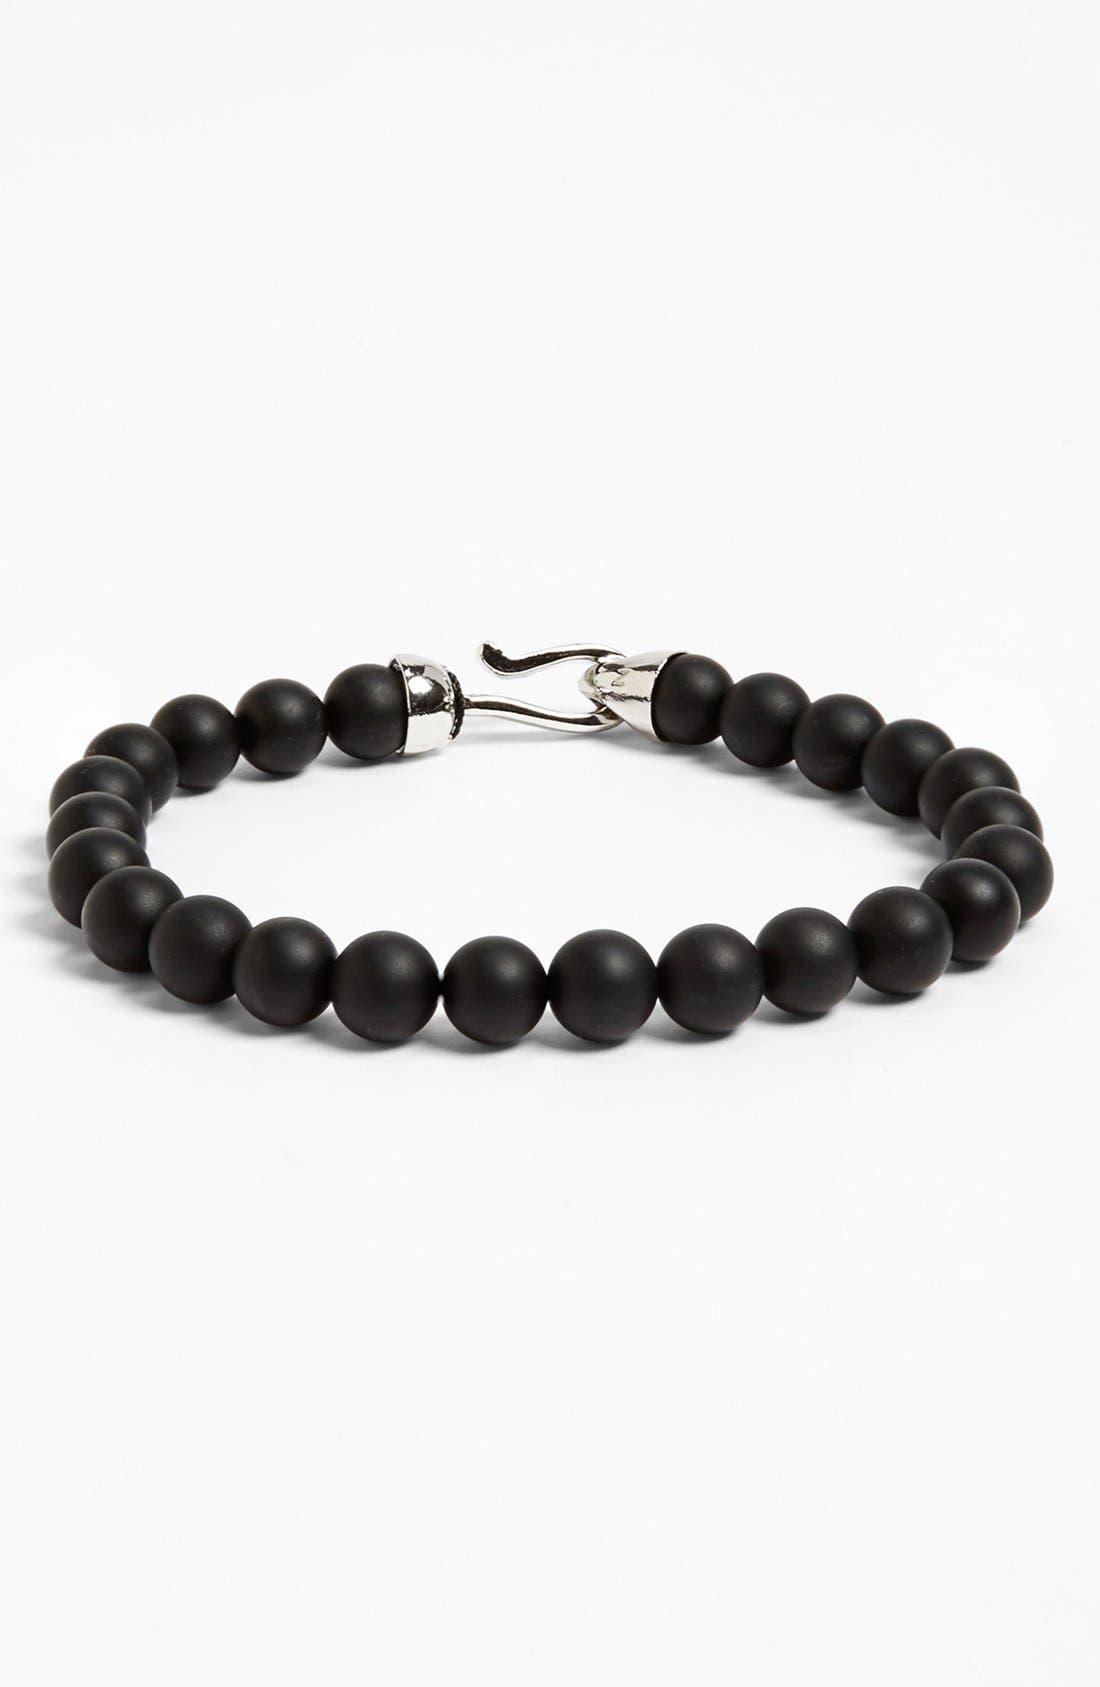 Main Image - Zack Onyx Beaded Bracelet